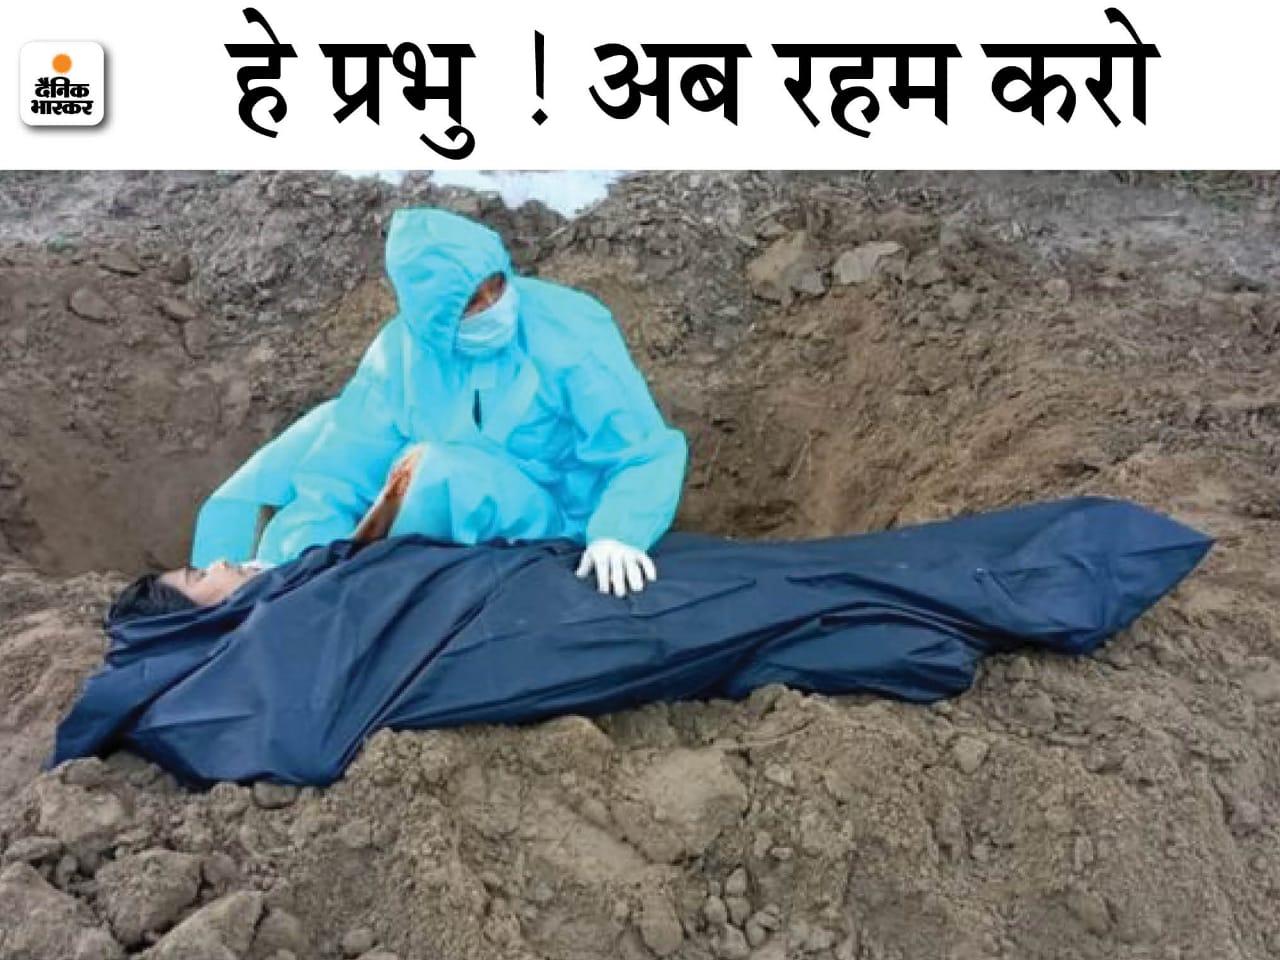 पिता चार दिन पहले मरे, अब मां भी चली गई; बेटी ने खुद गड्ढा खोद मां को दफनाया|बिहार,Bihar - Dainik Bhaskar